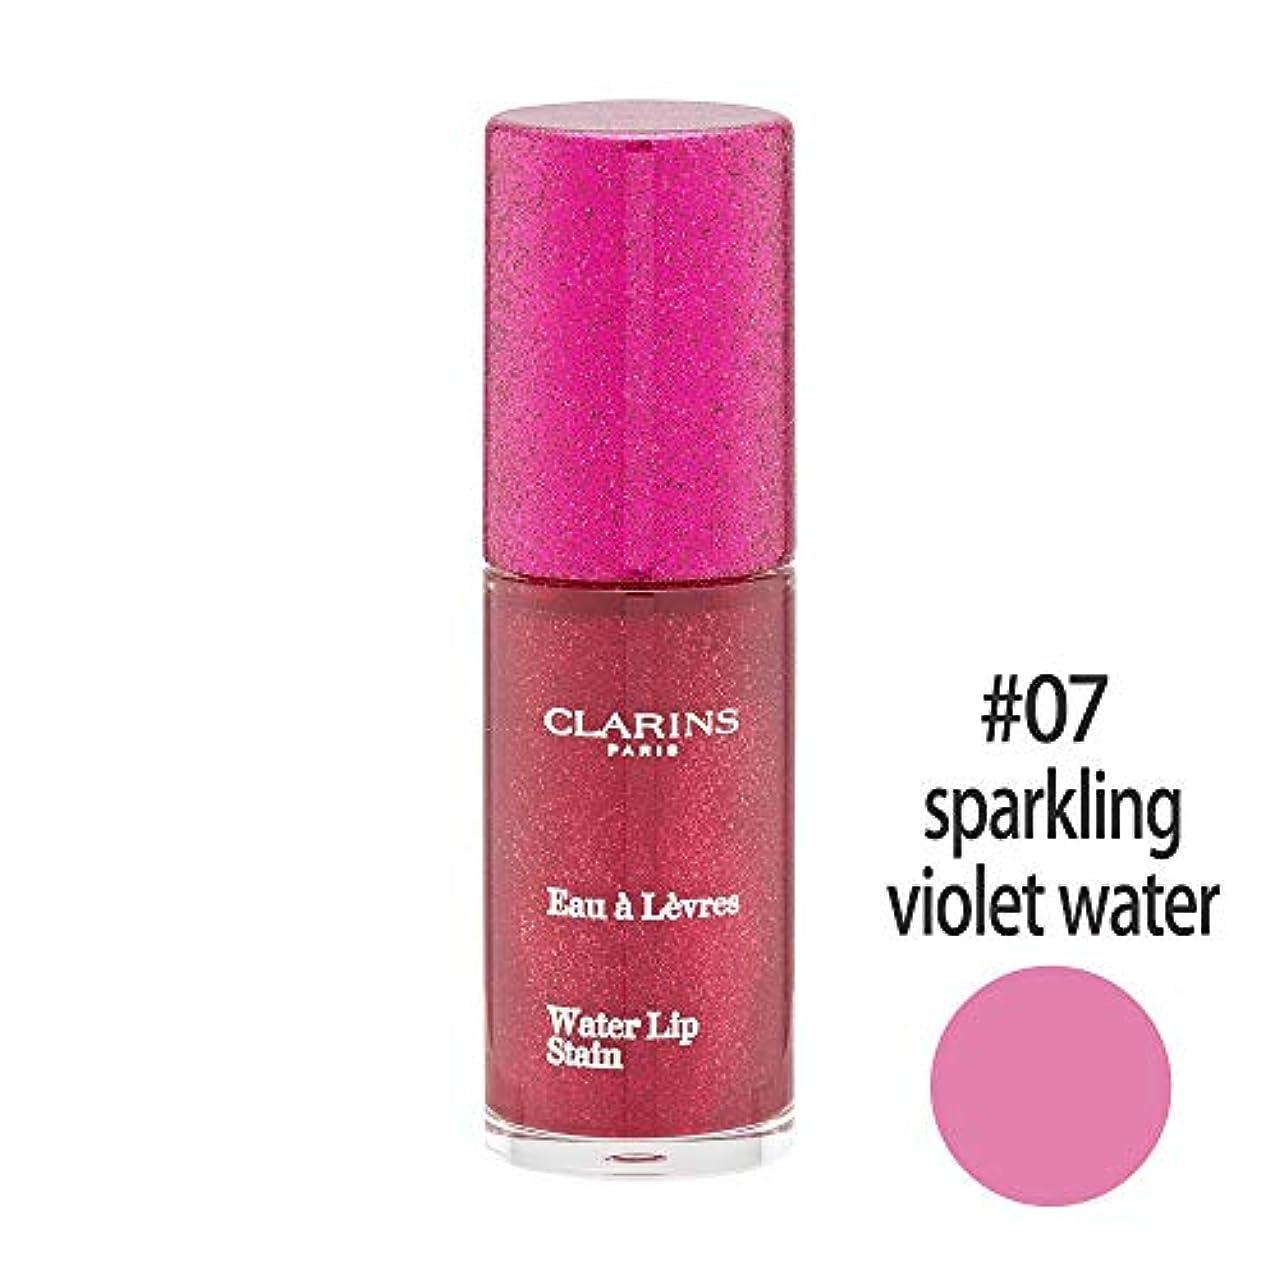 アブセイ退院チャンピオンシップクラランス(CLARINS) ウォーターリップ ステイン #07(sparkling violet water) [並行輸入品]